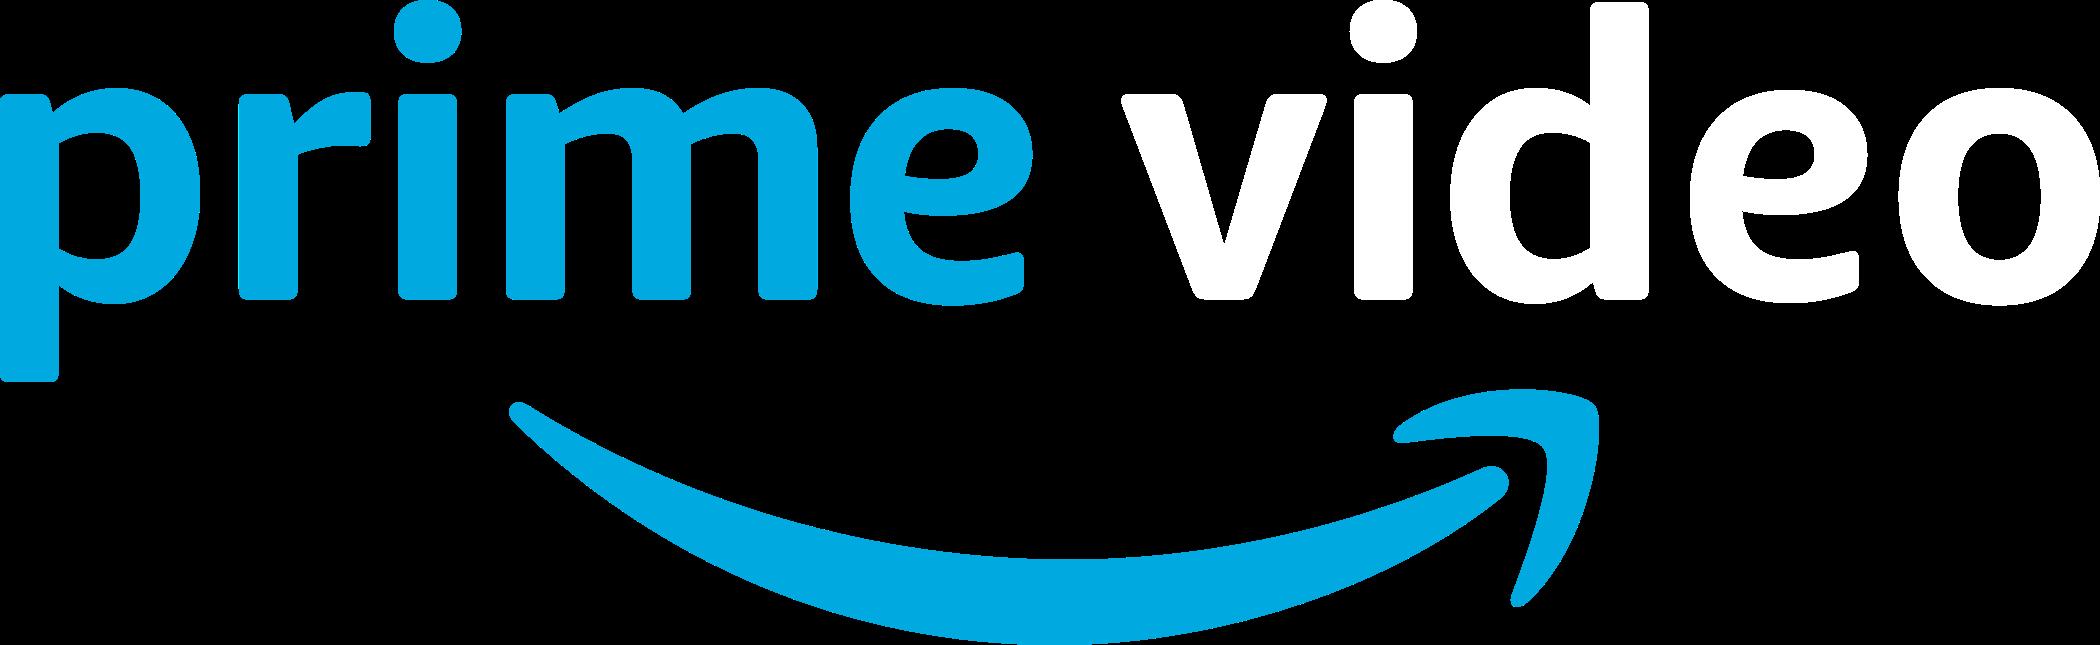 prime video 3 - Prime Video Logo